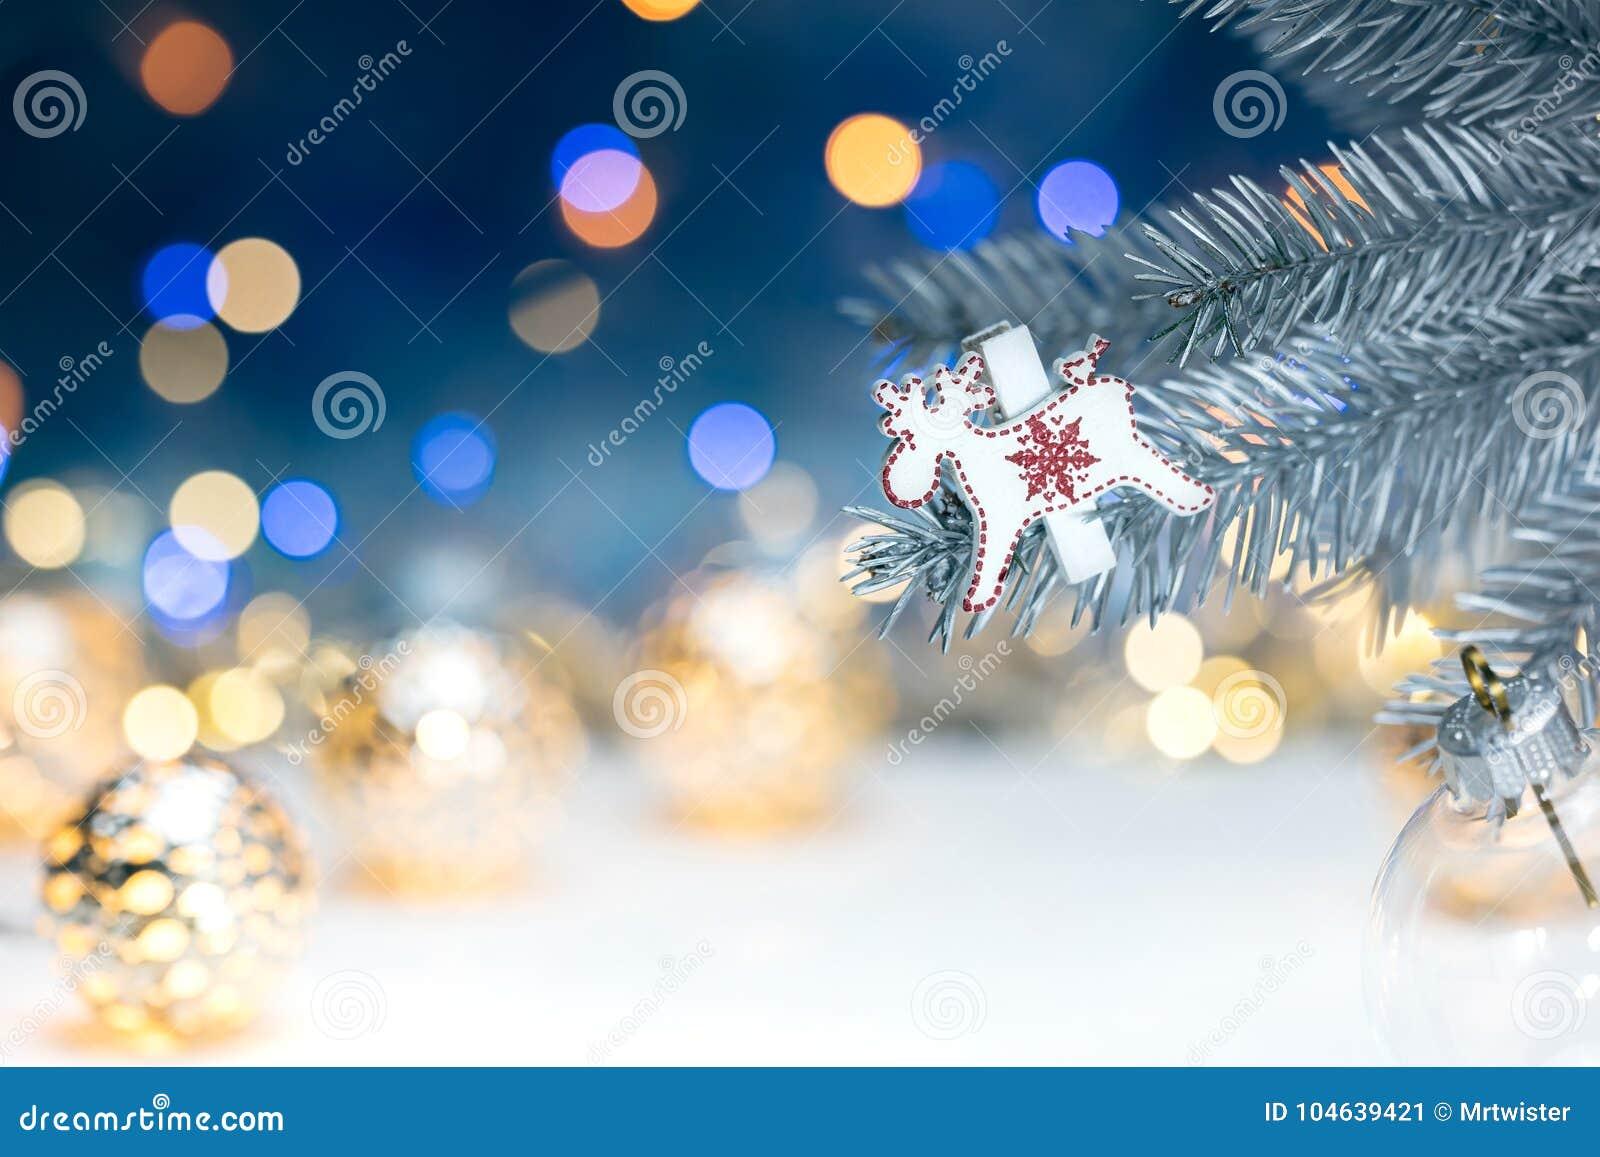 Download Kerstboomdecoratie Op Spartak Tegen Vage Backgro Stock Afbeelding - Afbeelding bestaande uit licht, kerstmis: 104639421